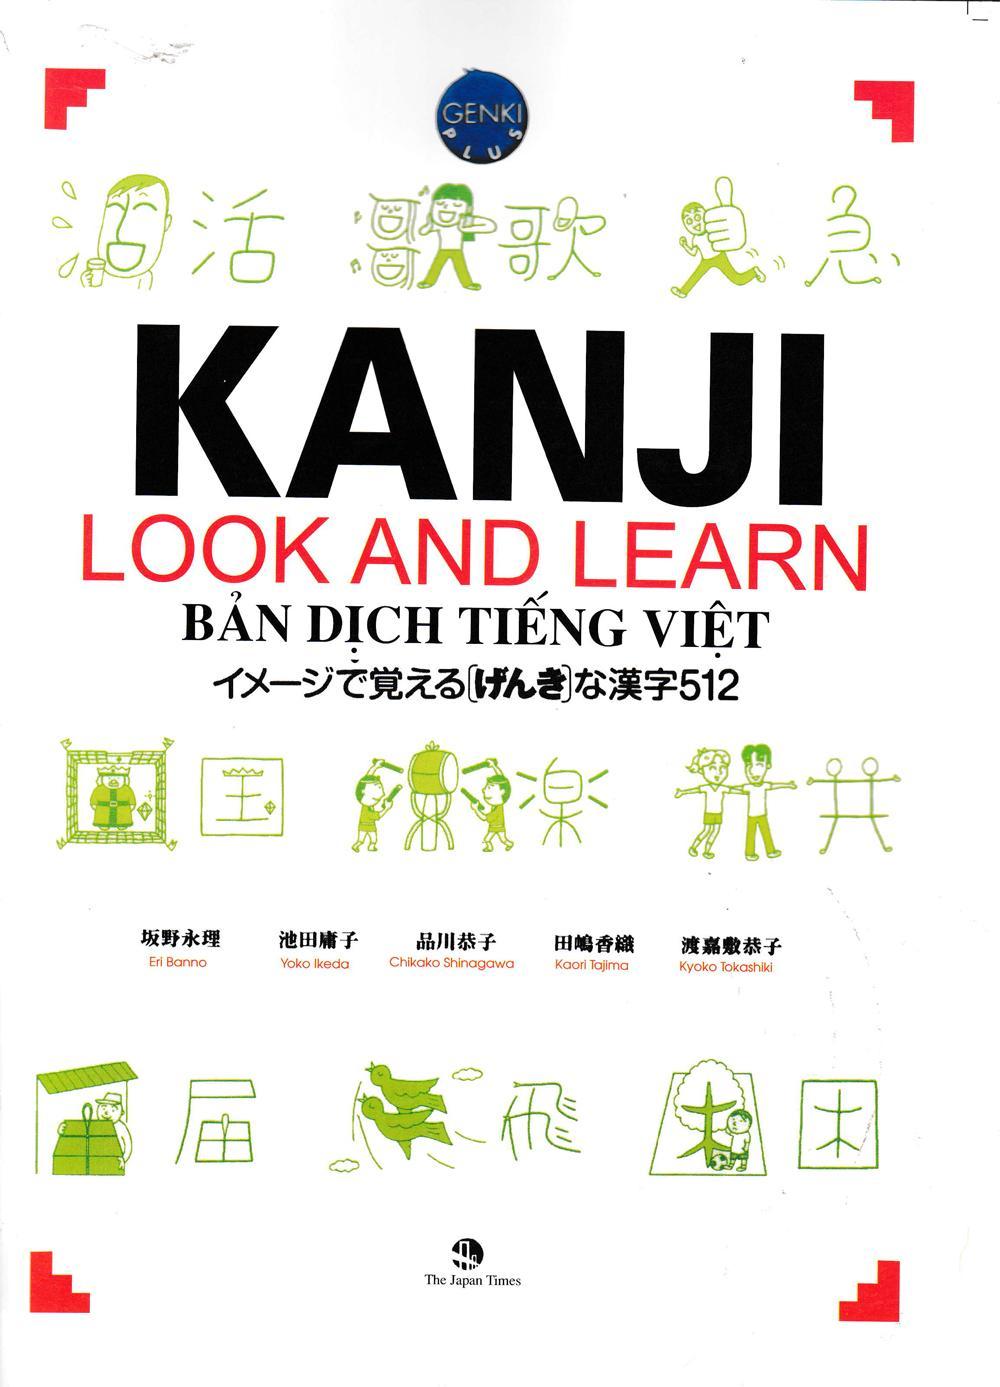 Sách Kanji Look And Learn 512 Chữ Hán (bản Dịch Tiếng Việt) Đang Có Khuyến Mãi